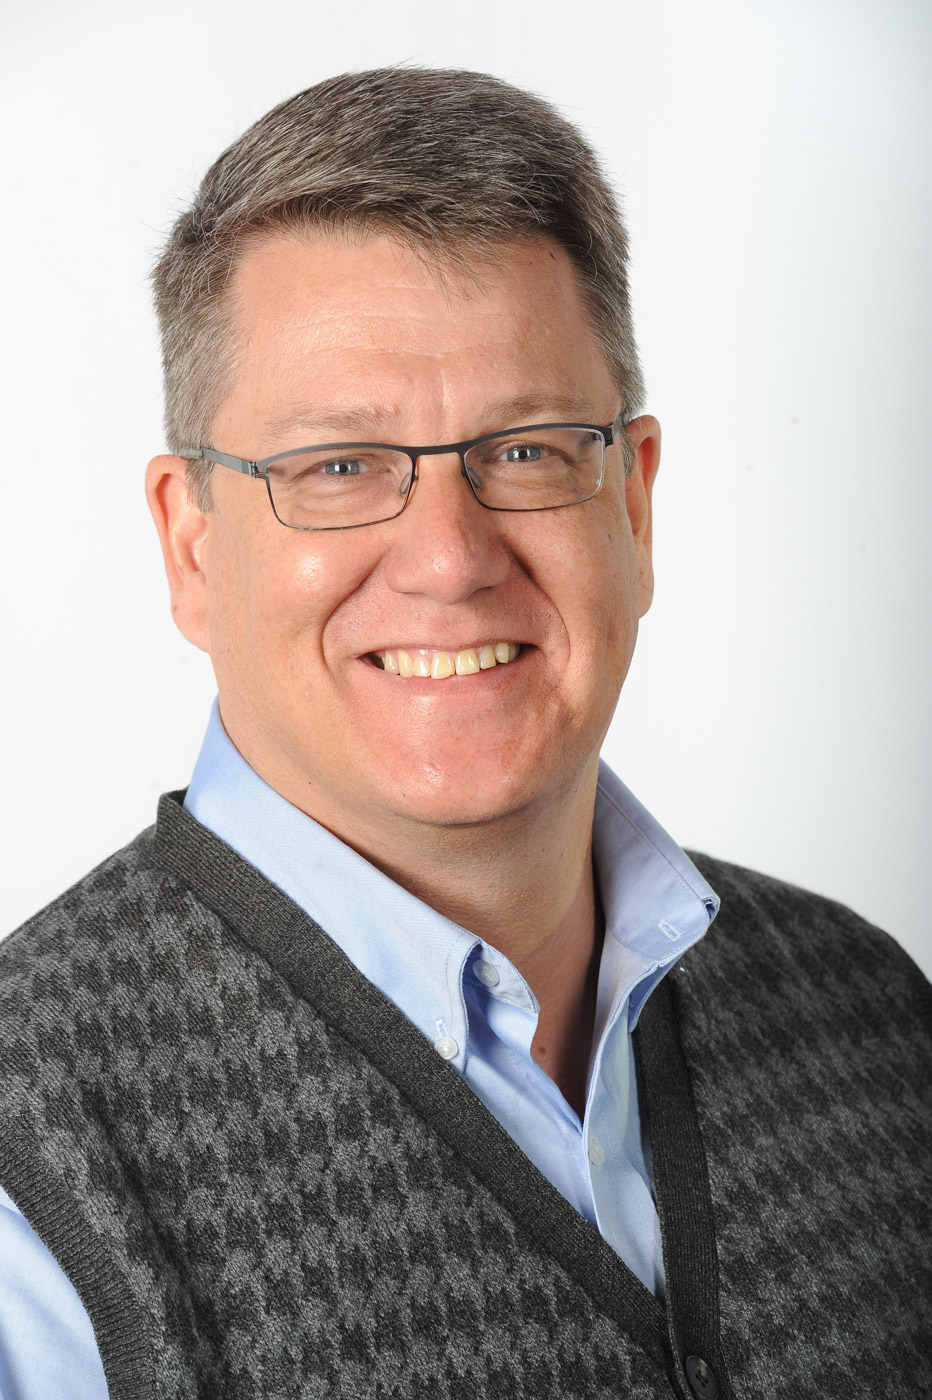 Dave - LinkedIn Headshot.JPG